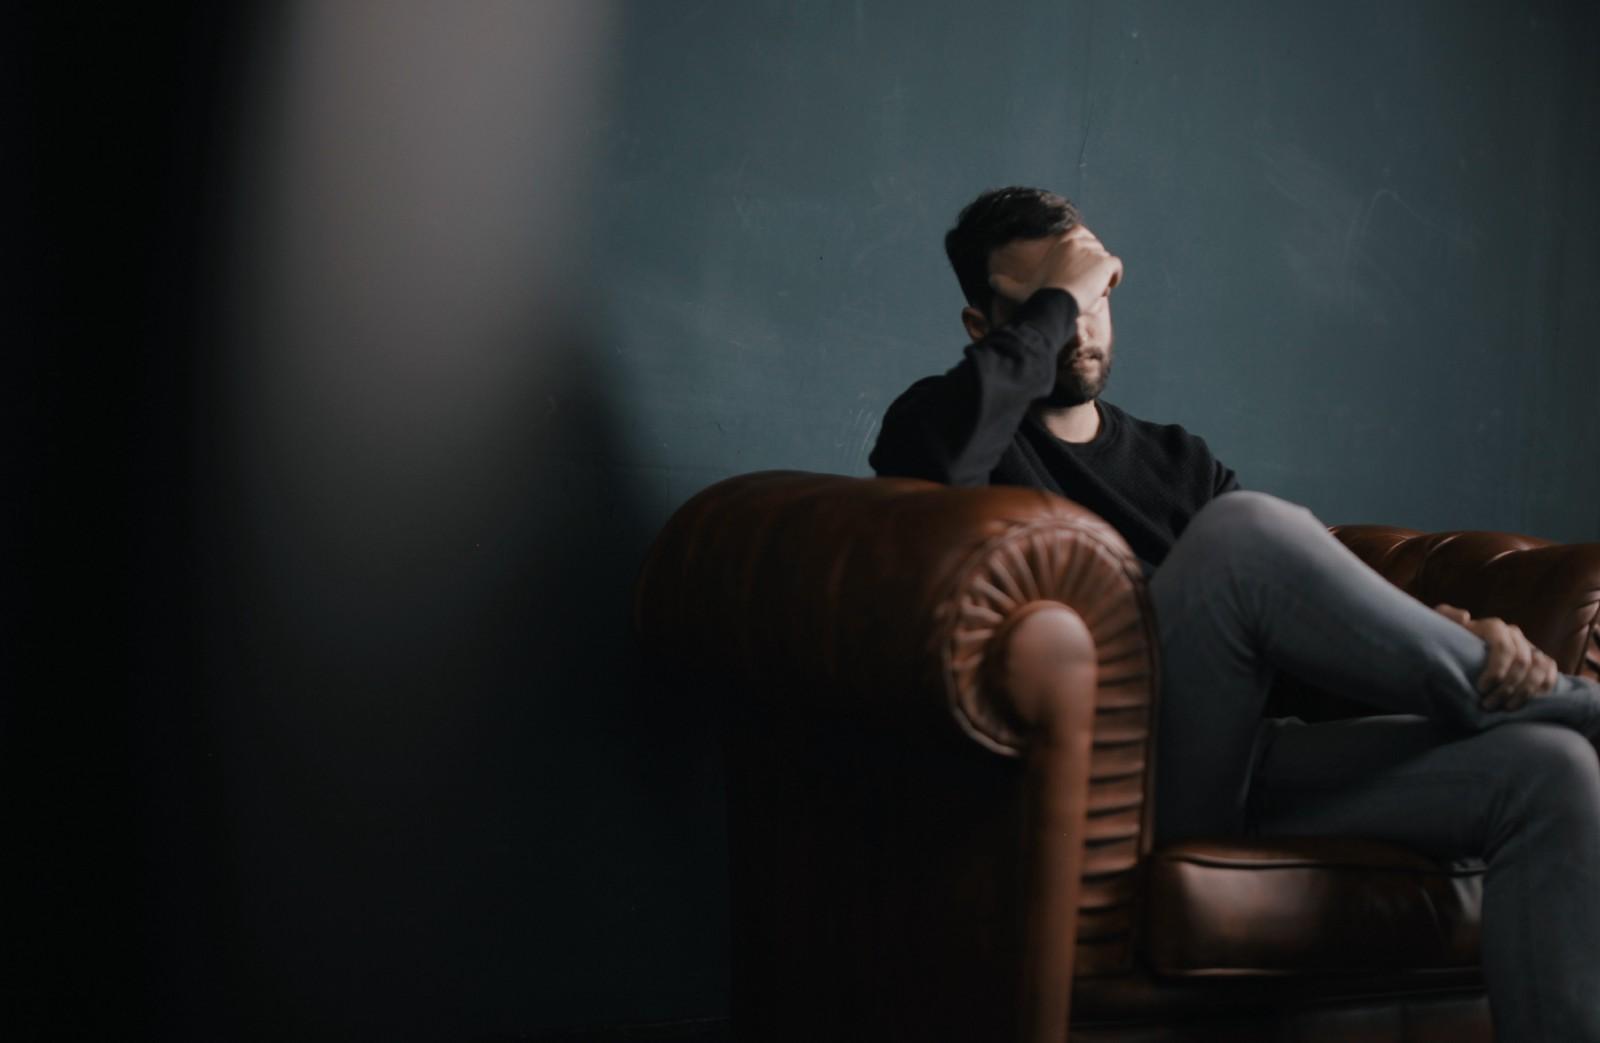 La mitad de psicólogos de Reino Unido sufren depresión: estudio